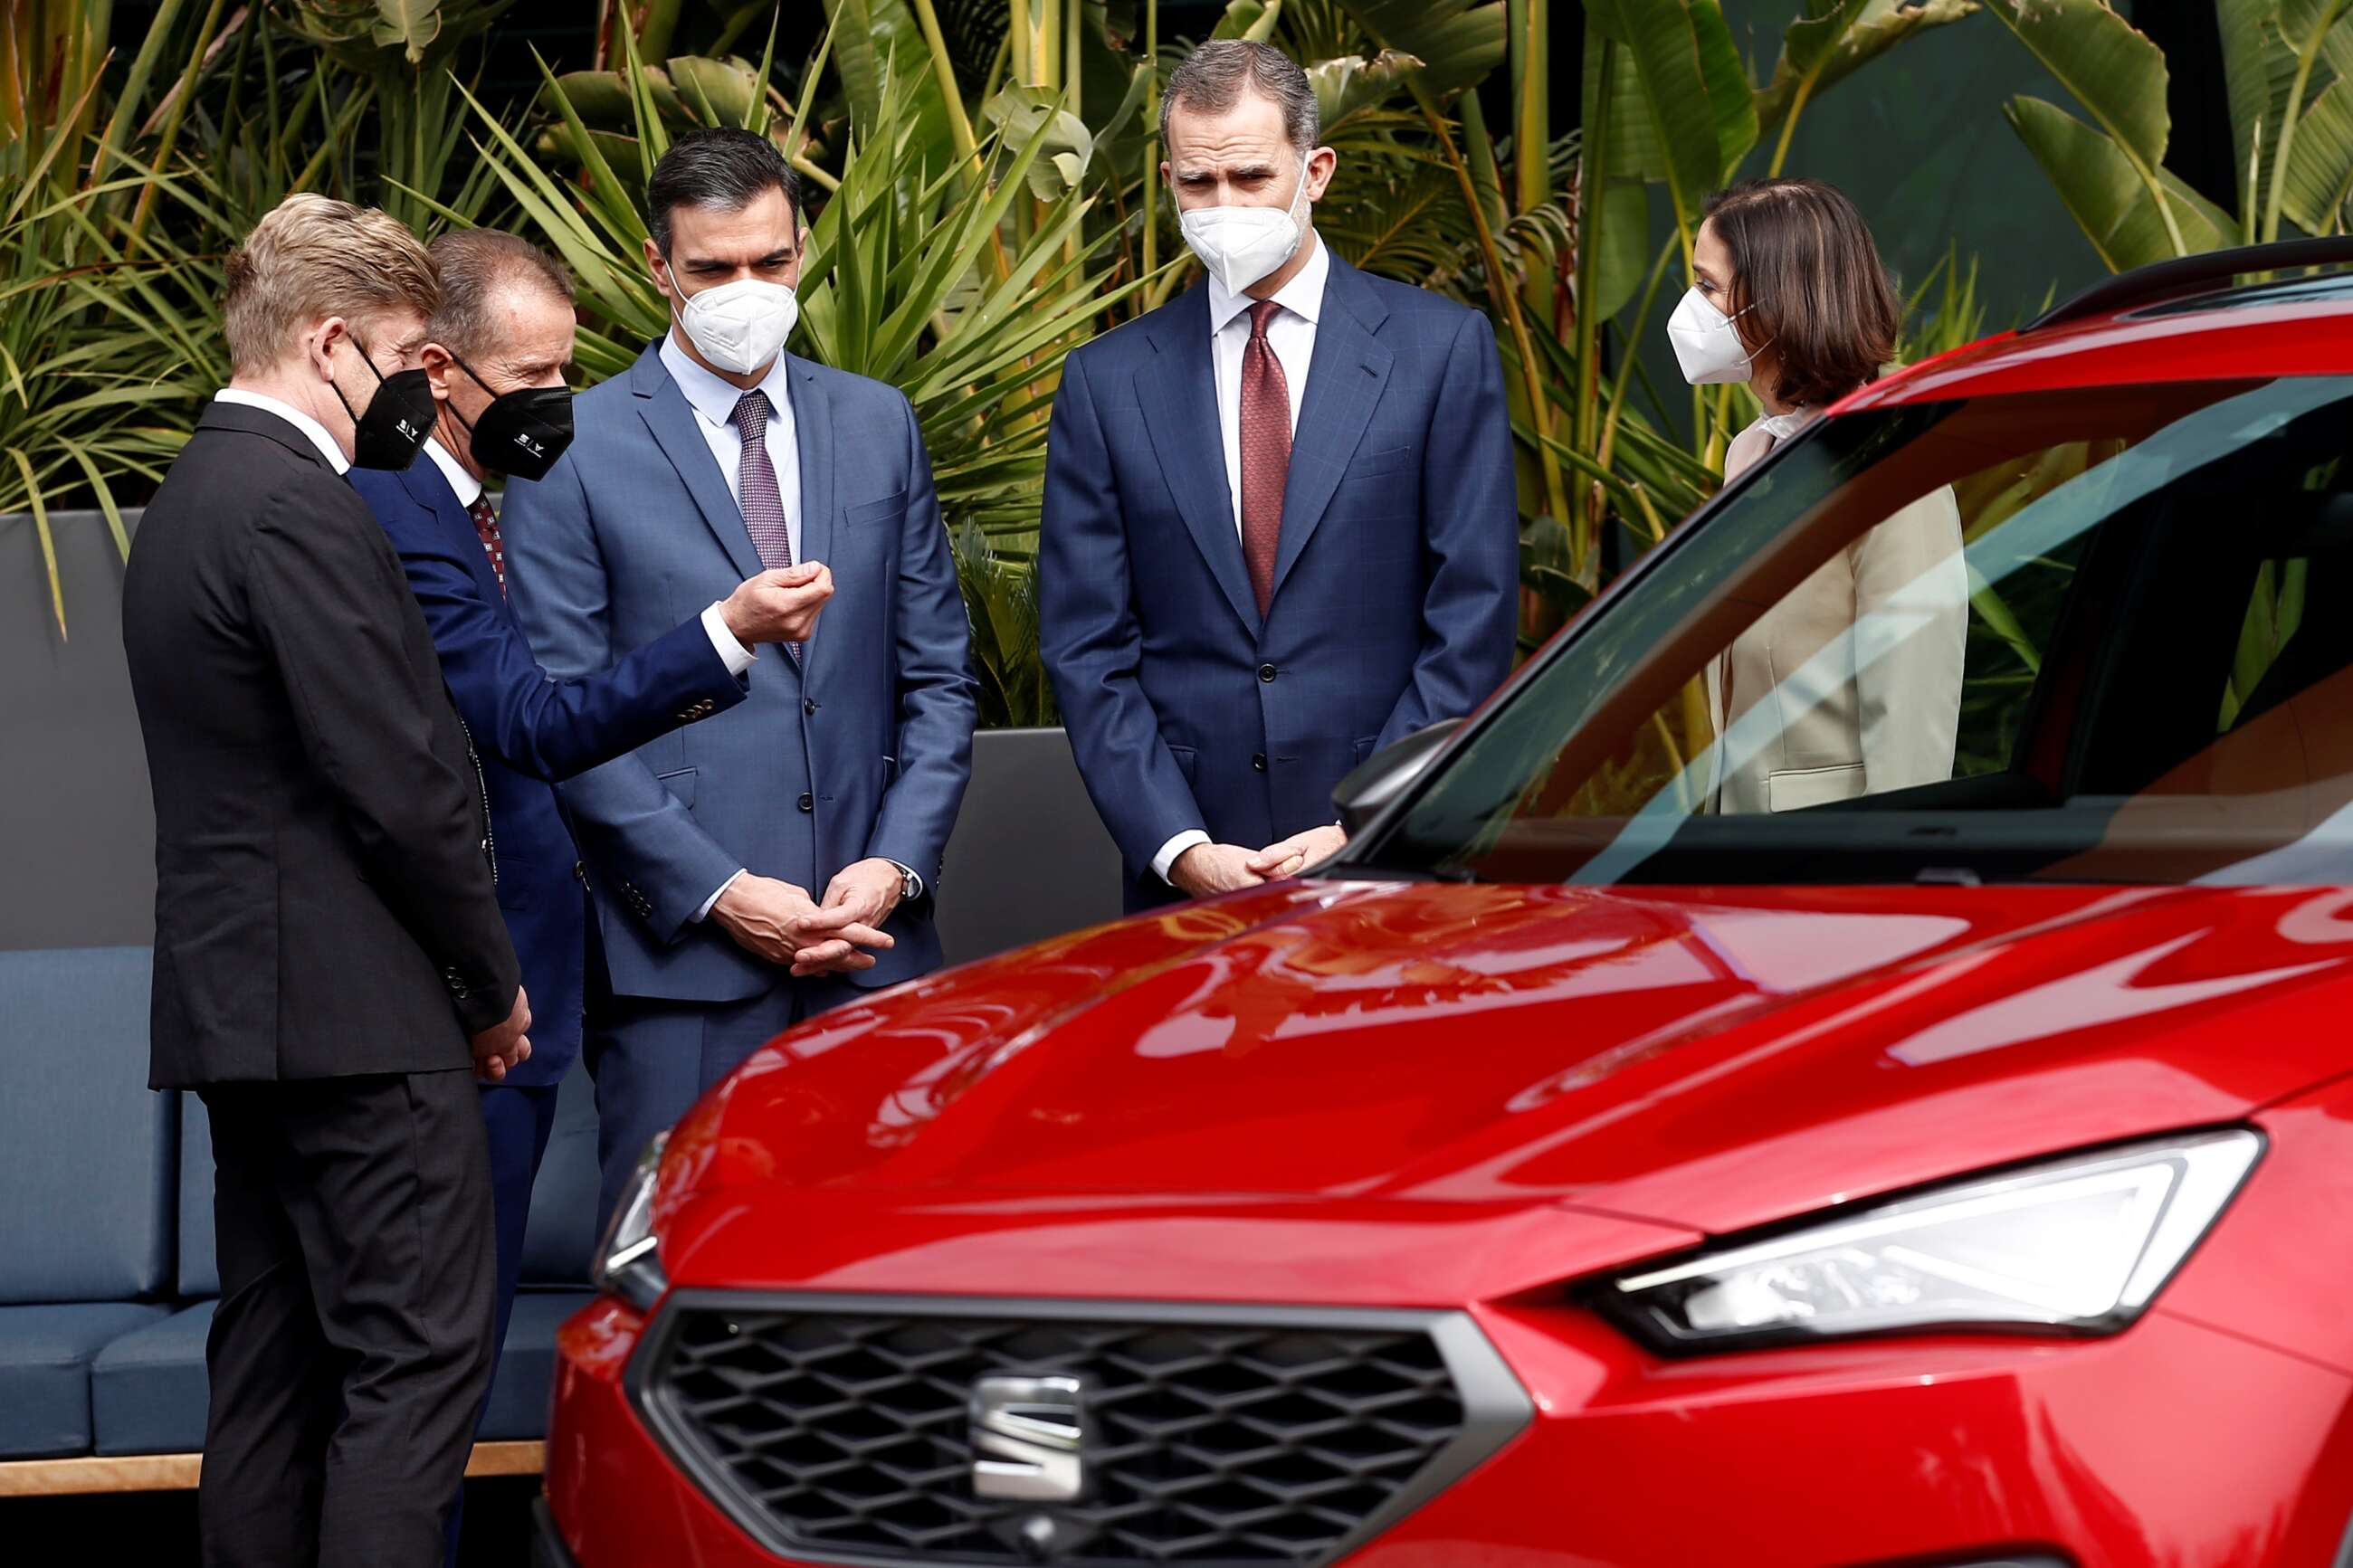 El rey Felipe VI junto al presidente del Gobierno, Pedro Sánchez (3i), el presidente del Grupo Volkswagen, Herbert Diess (2i); el presidente de SEAT y CUPRA, Wayne Griffiths (i), y la ministra de Industria, Reyes Maroto (d), durante la visita que realizan este viernes a la fábrica de SEAT en Martorell (Barcelona) con motivo del 70 Aniversario de la compañía automovilística. EFE/Quique García